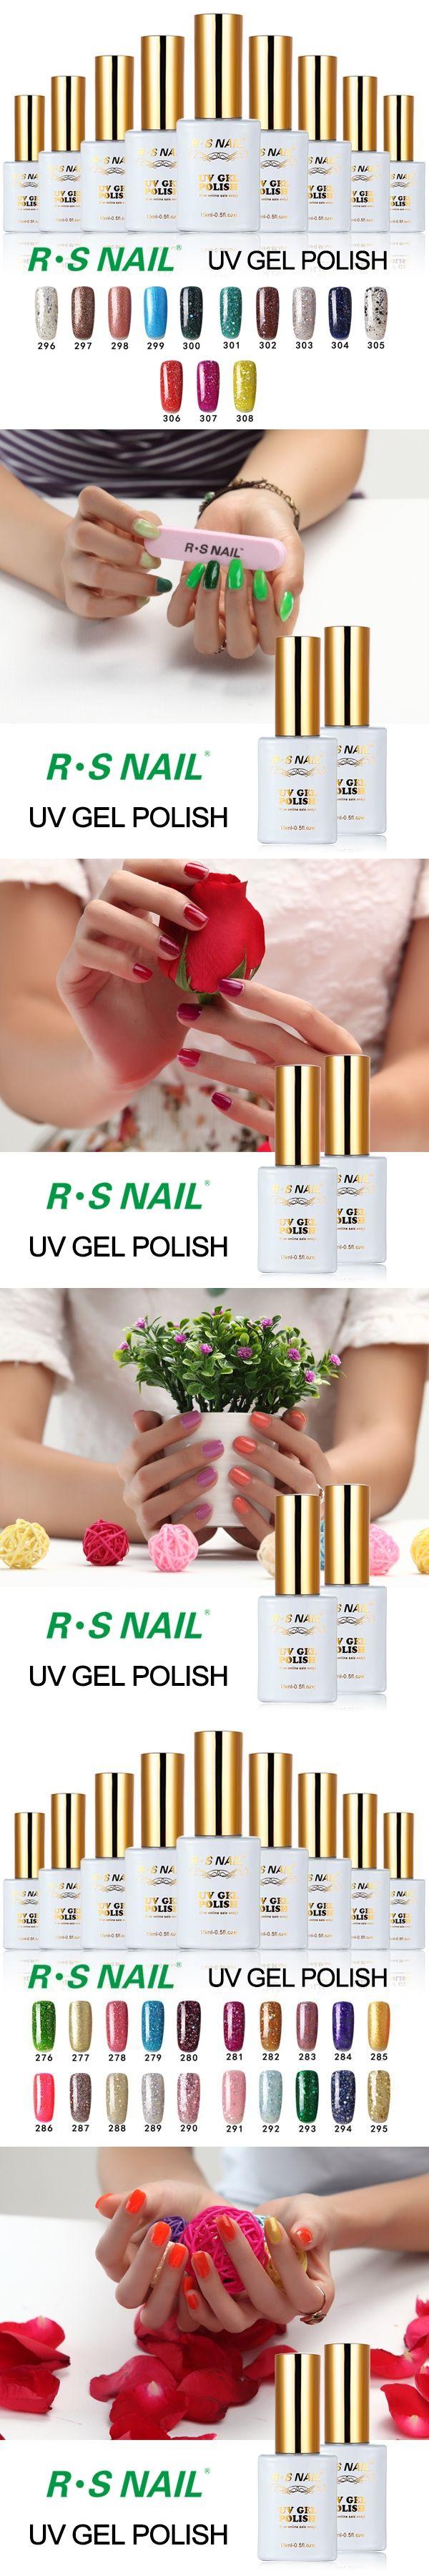 R.S 15ml 3 step soak off long lasting uv gel nail polish set gel lucky set of nail uv nail colors lacquers varnish professional